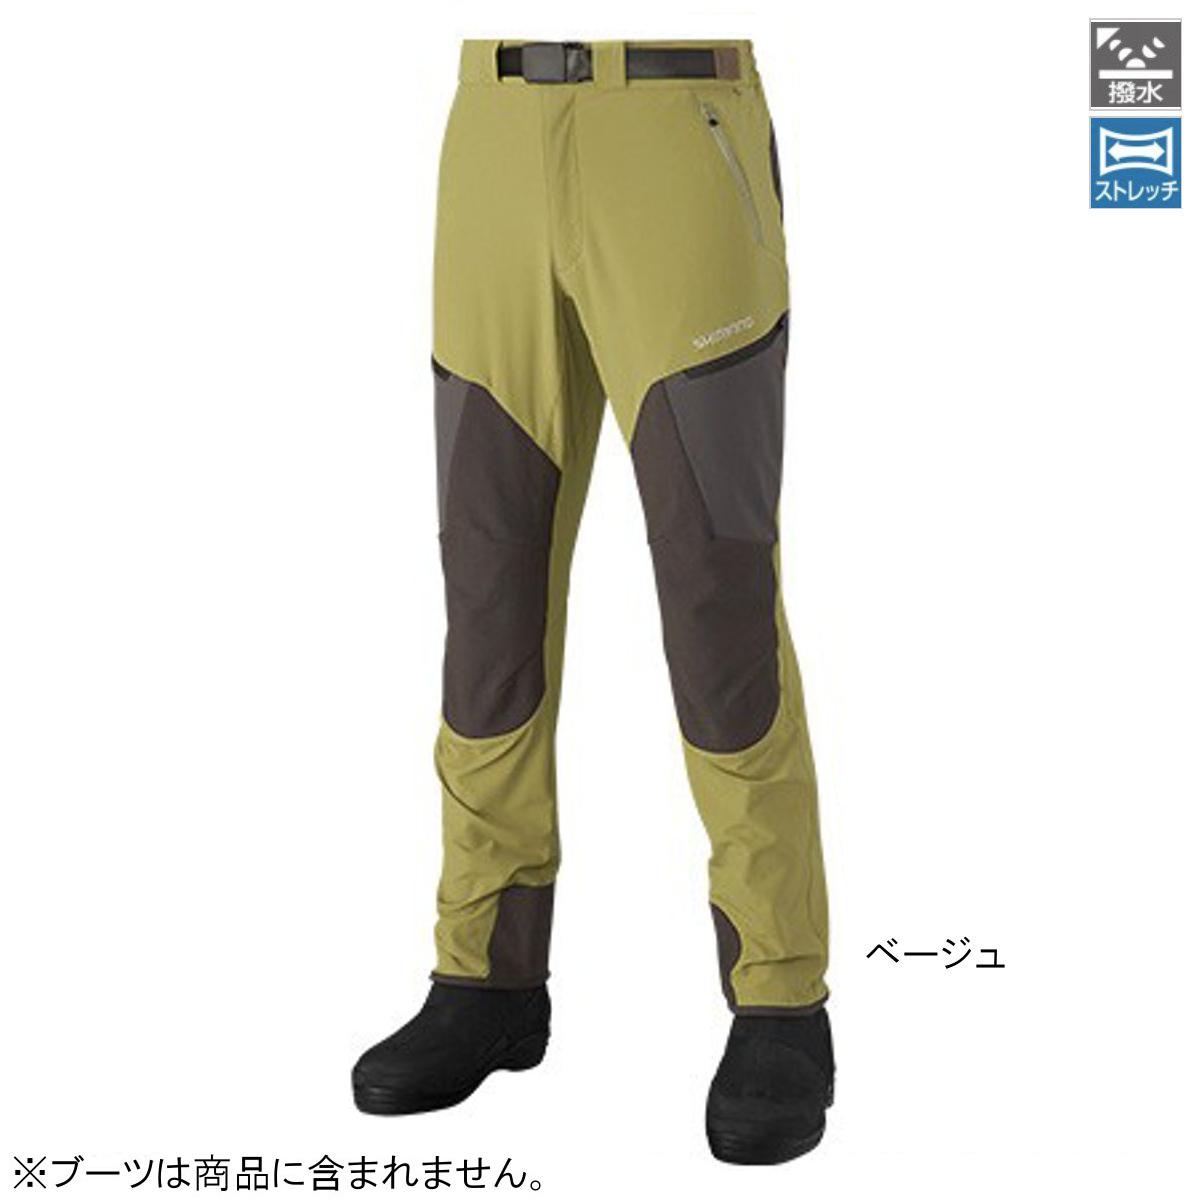 シマノ 撥水ストレッチパンツ PA-041R L ベージュ【送料無料】